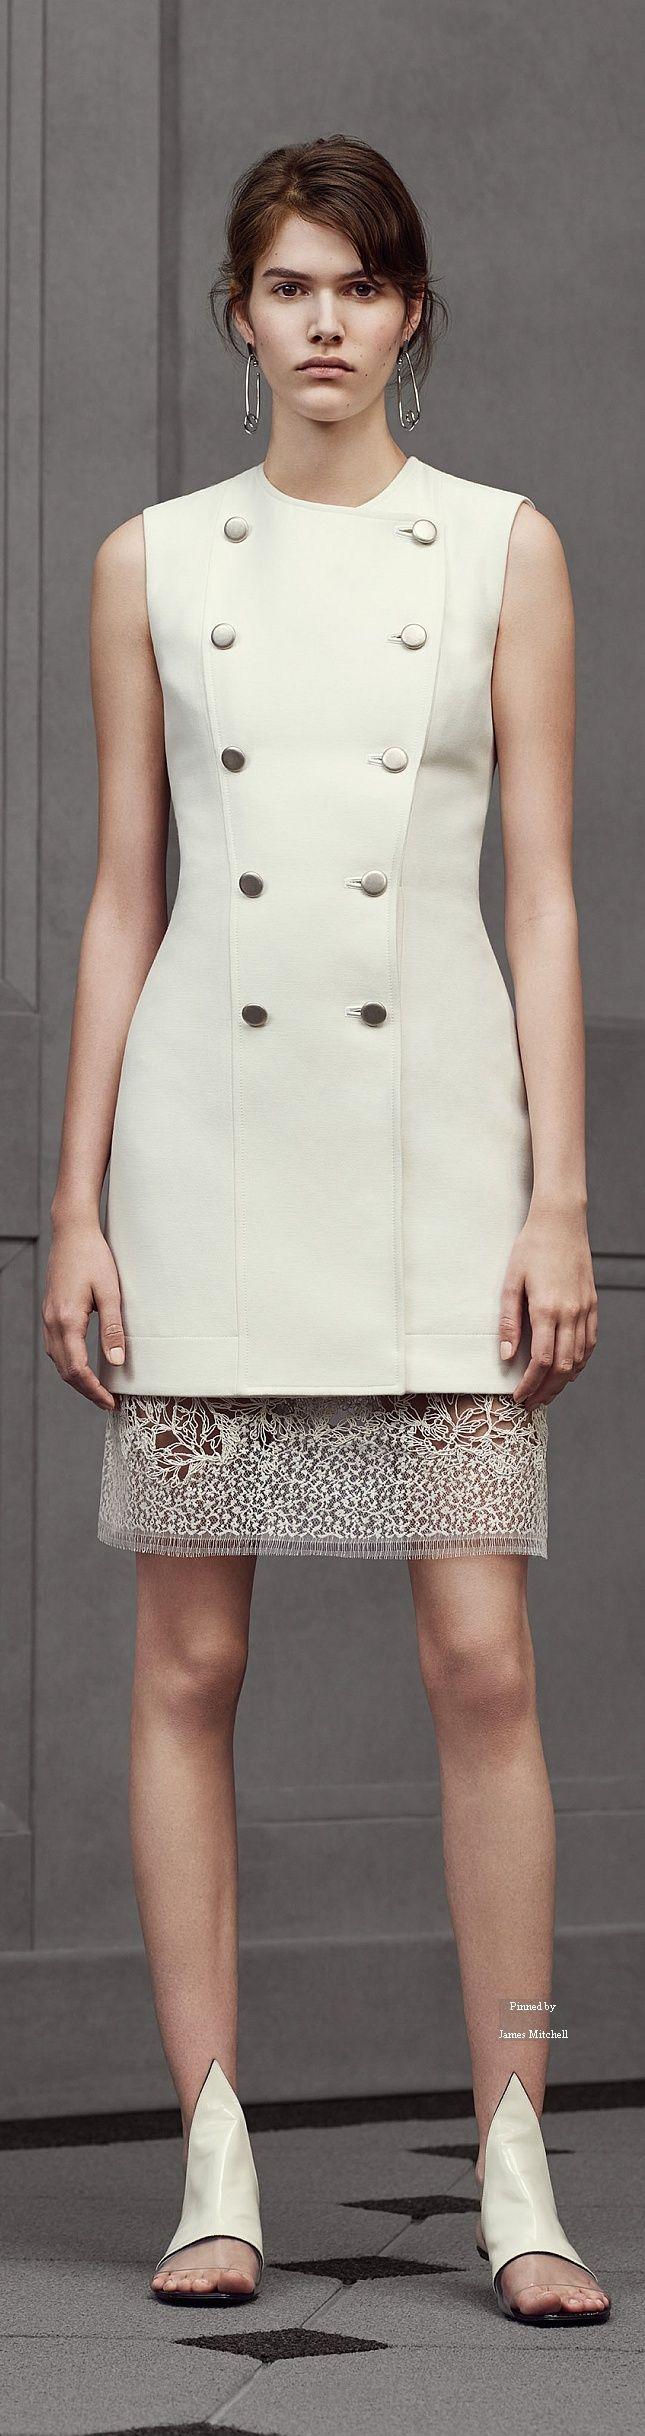 Balenciaga Pre Spring 2016 collection women fashion outfit clothing style apparel @roressclothes closet ideas